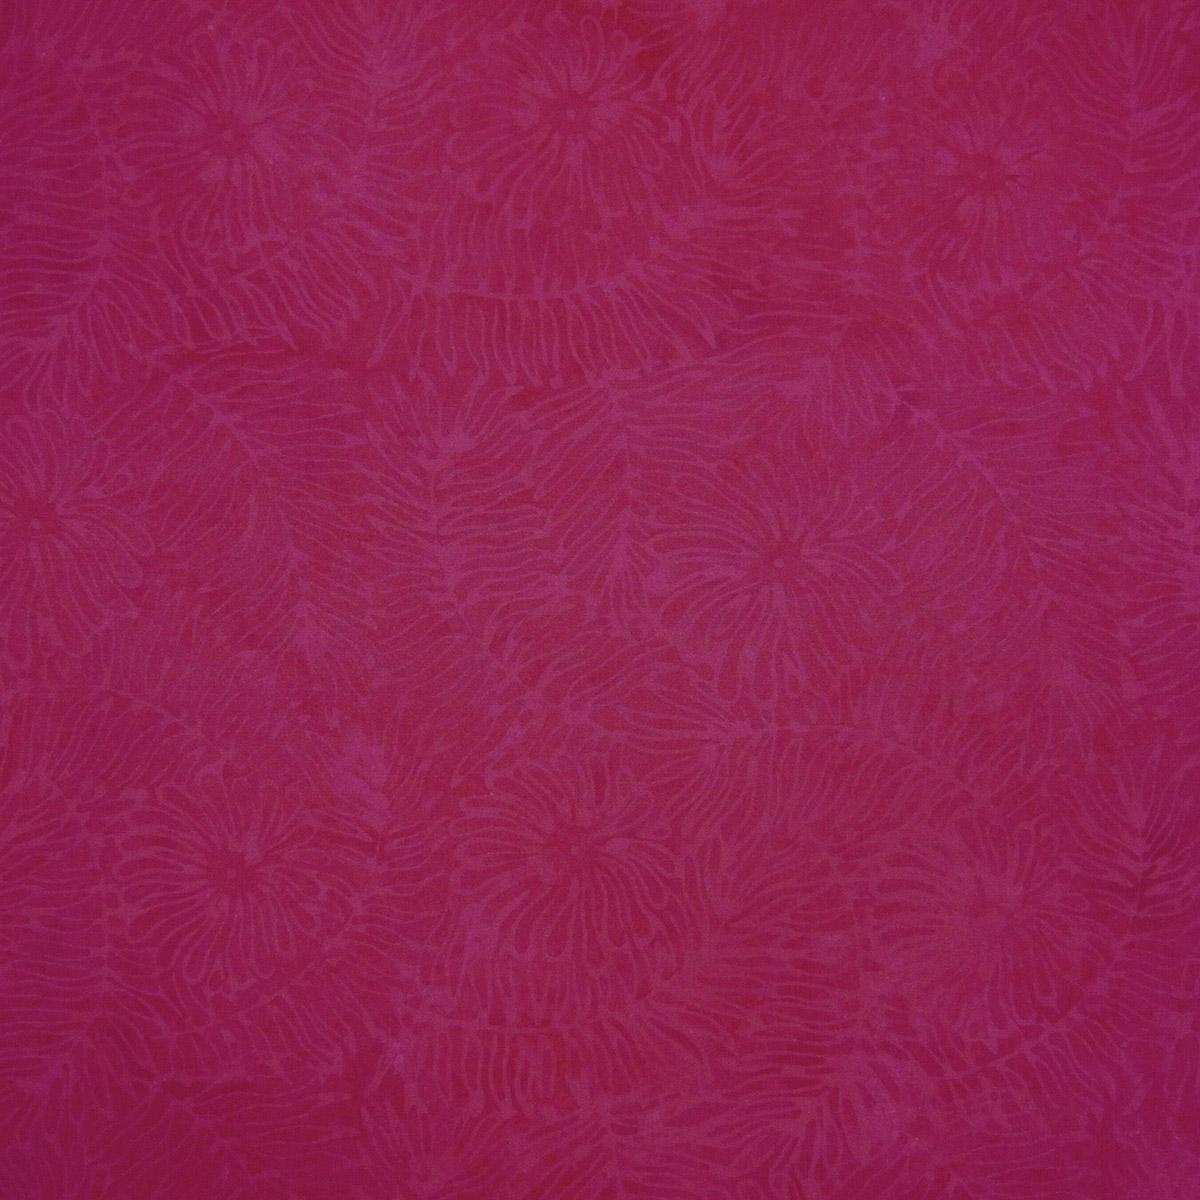 GV-22-6855-Ibis-Rose